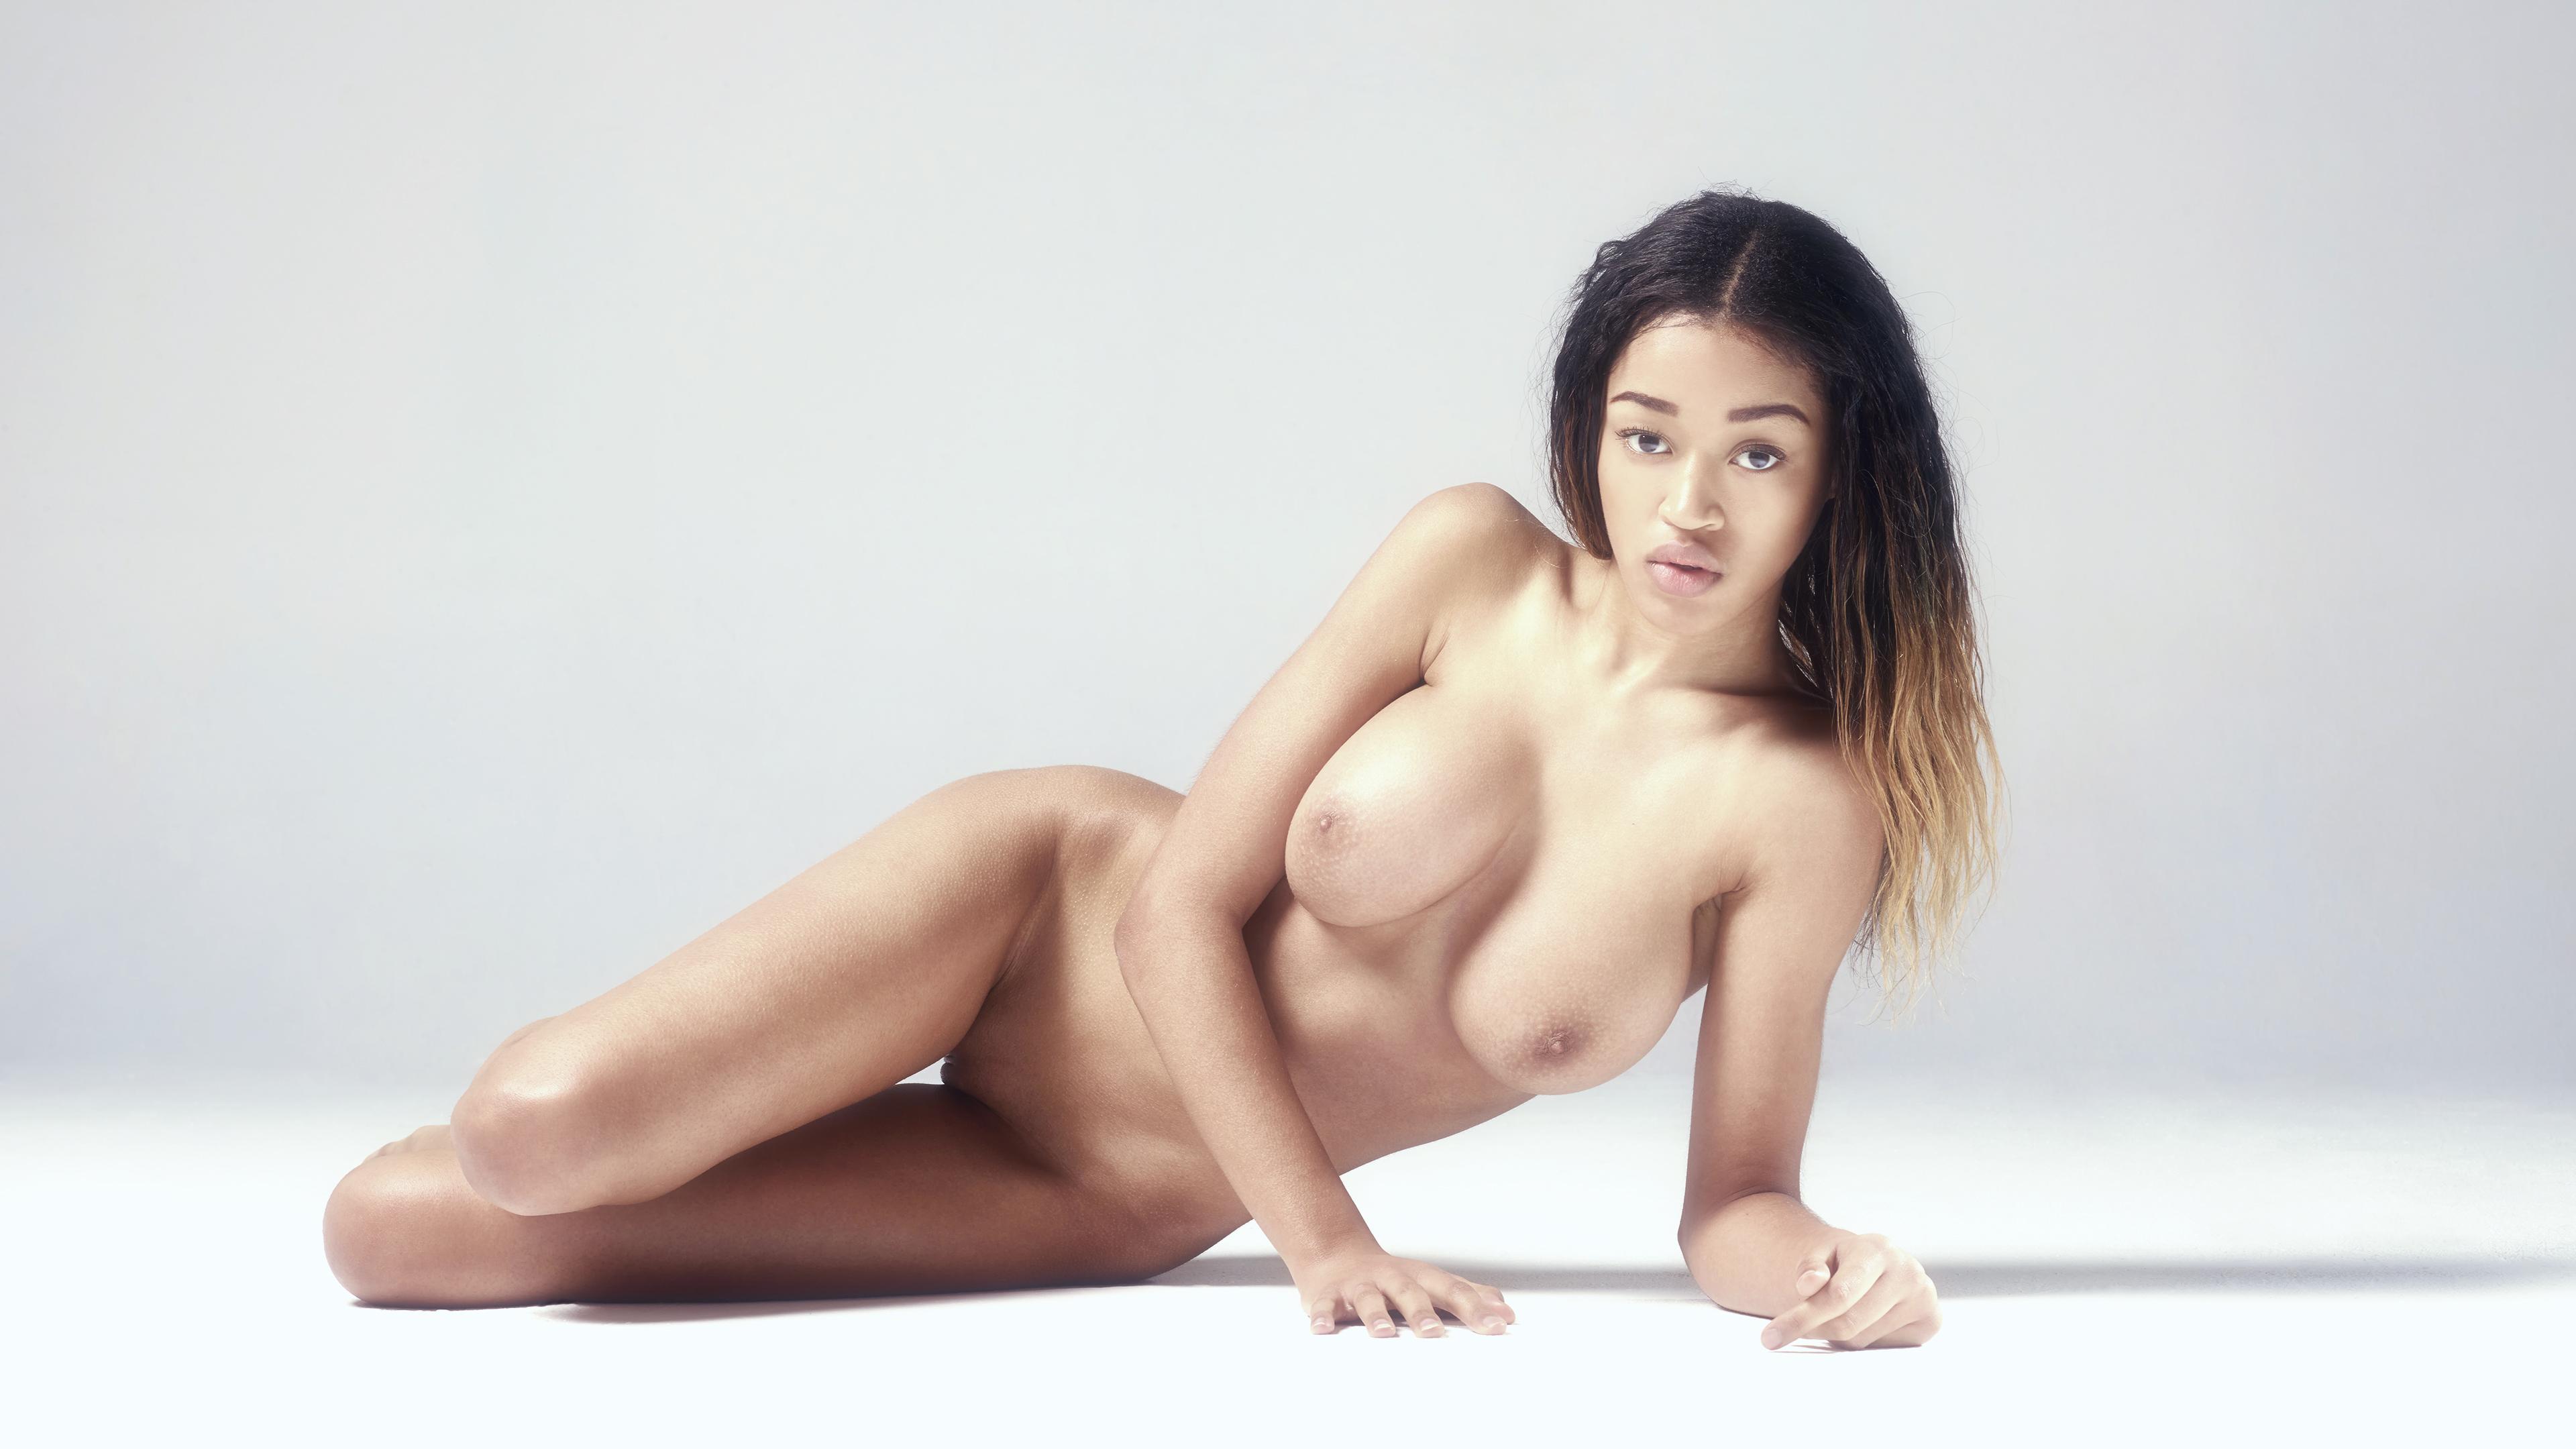 Mona hegre art nude